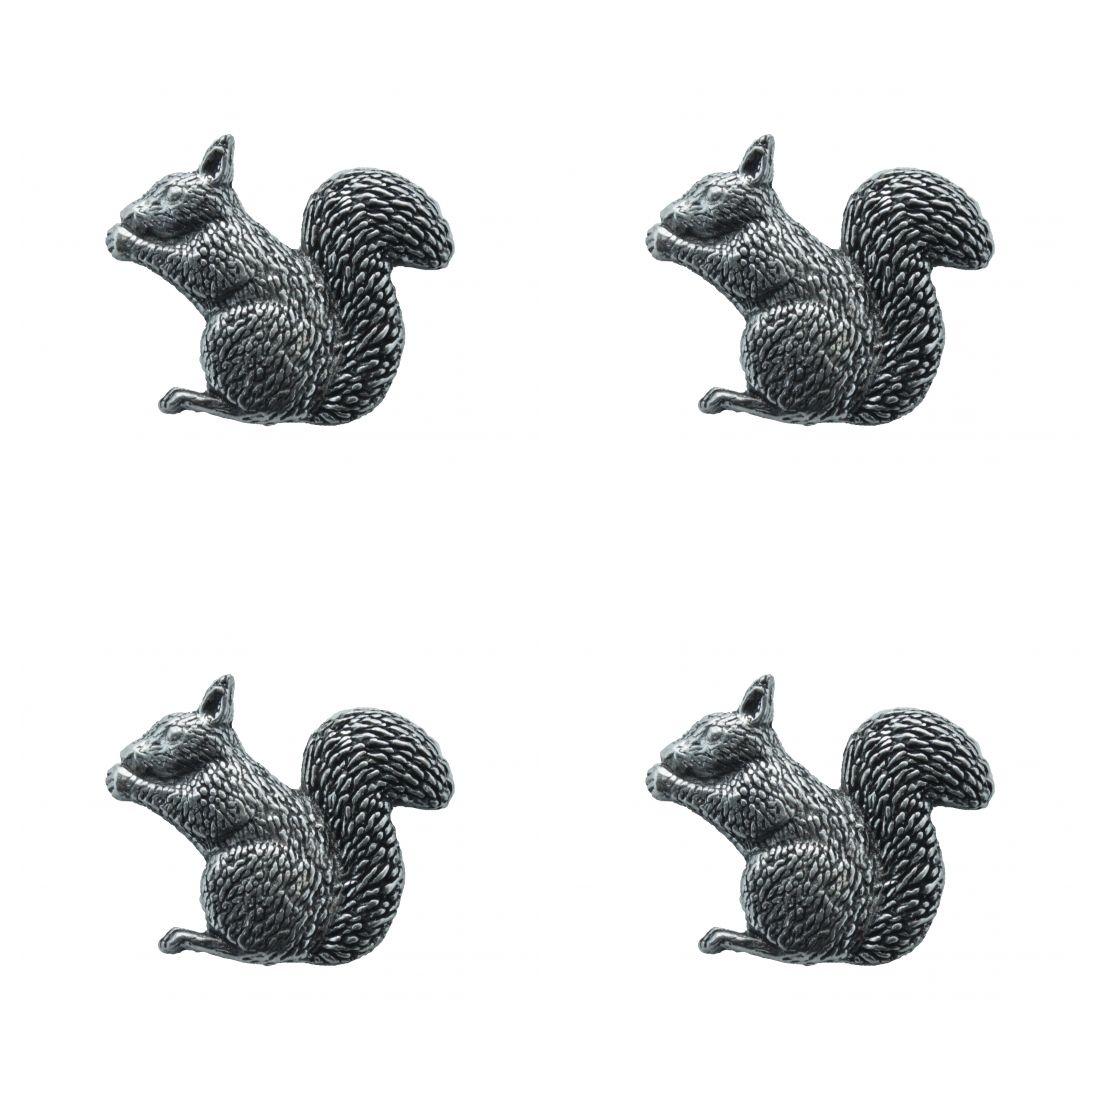 4x Pin Anstecker Badge Eichhörnchen sitzend, 2,8x2,9cm